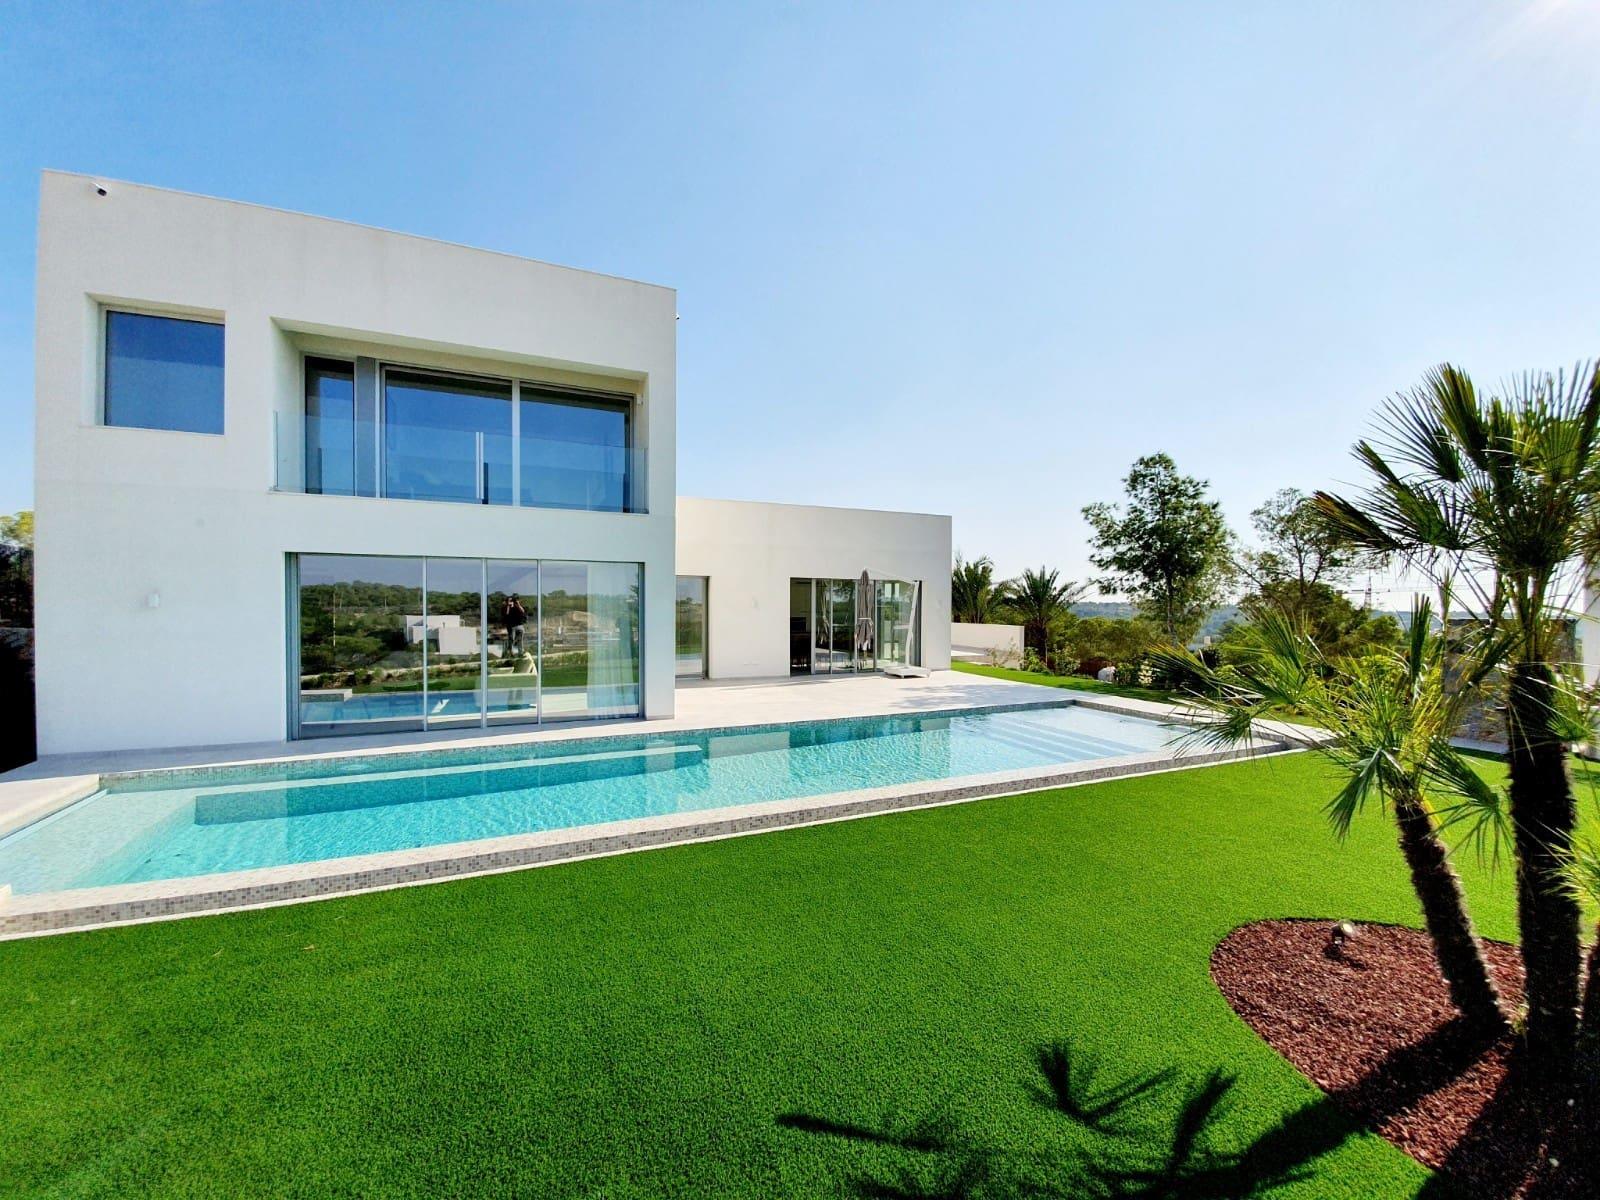 Chalet de 5 habitaciones en Las Colinas Golf en venta con piscina garaje - 1.250.000 € (Ref: 4725471)